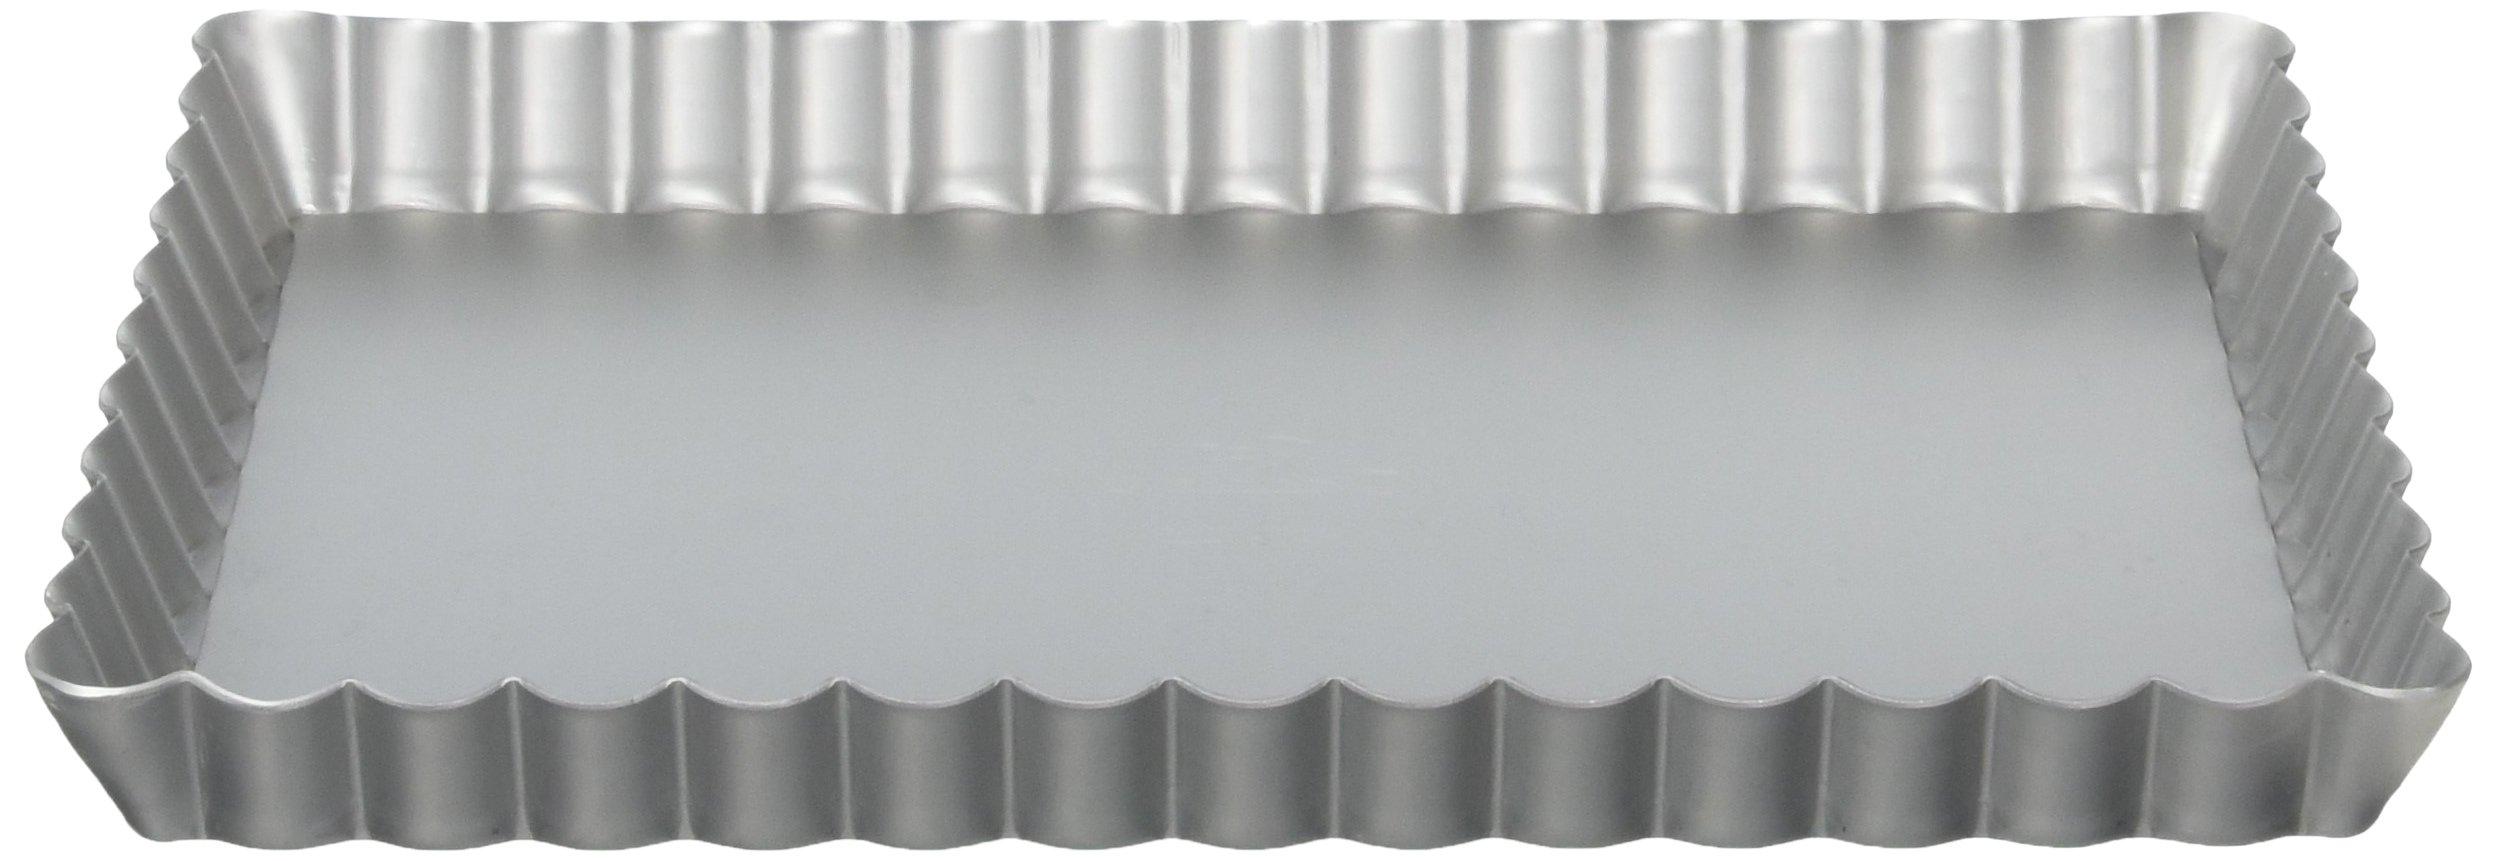 Fat Daddio's Anodized Aluminum Square/Rectangle, 11.25 Inches by 8.125 Inches by 1 Inch by Fat Daddios (Image #2)